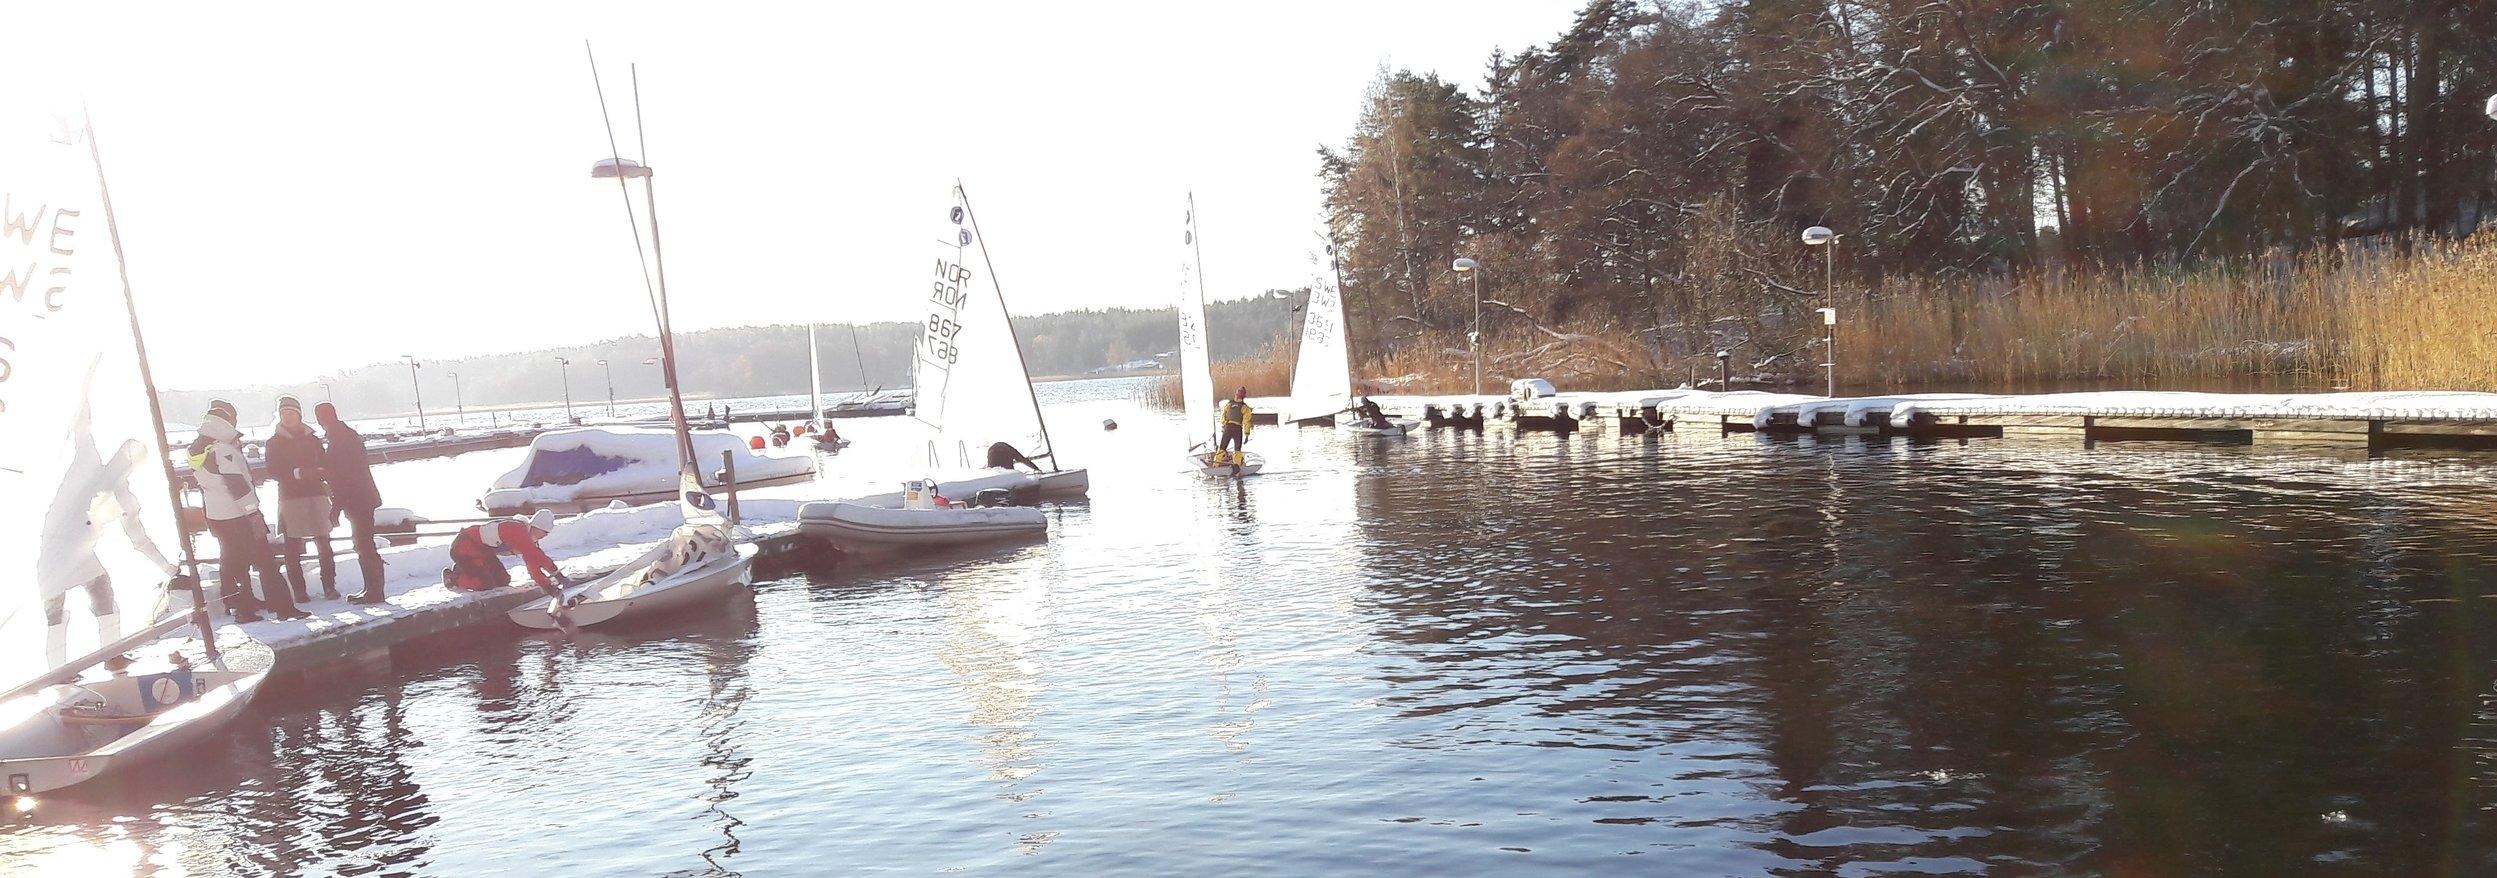 Bild lånad från JKV Västerås